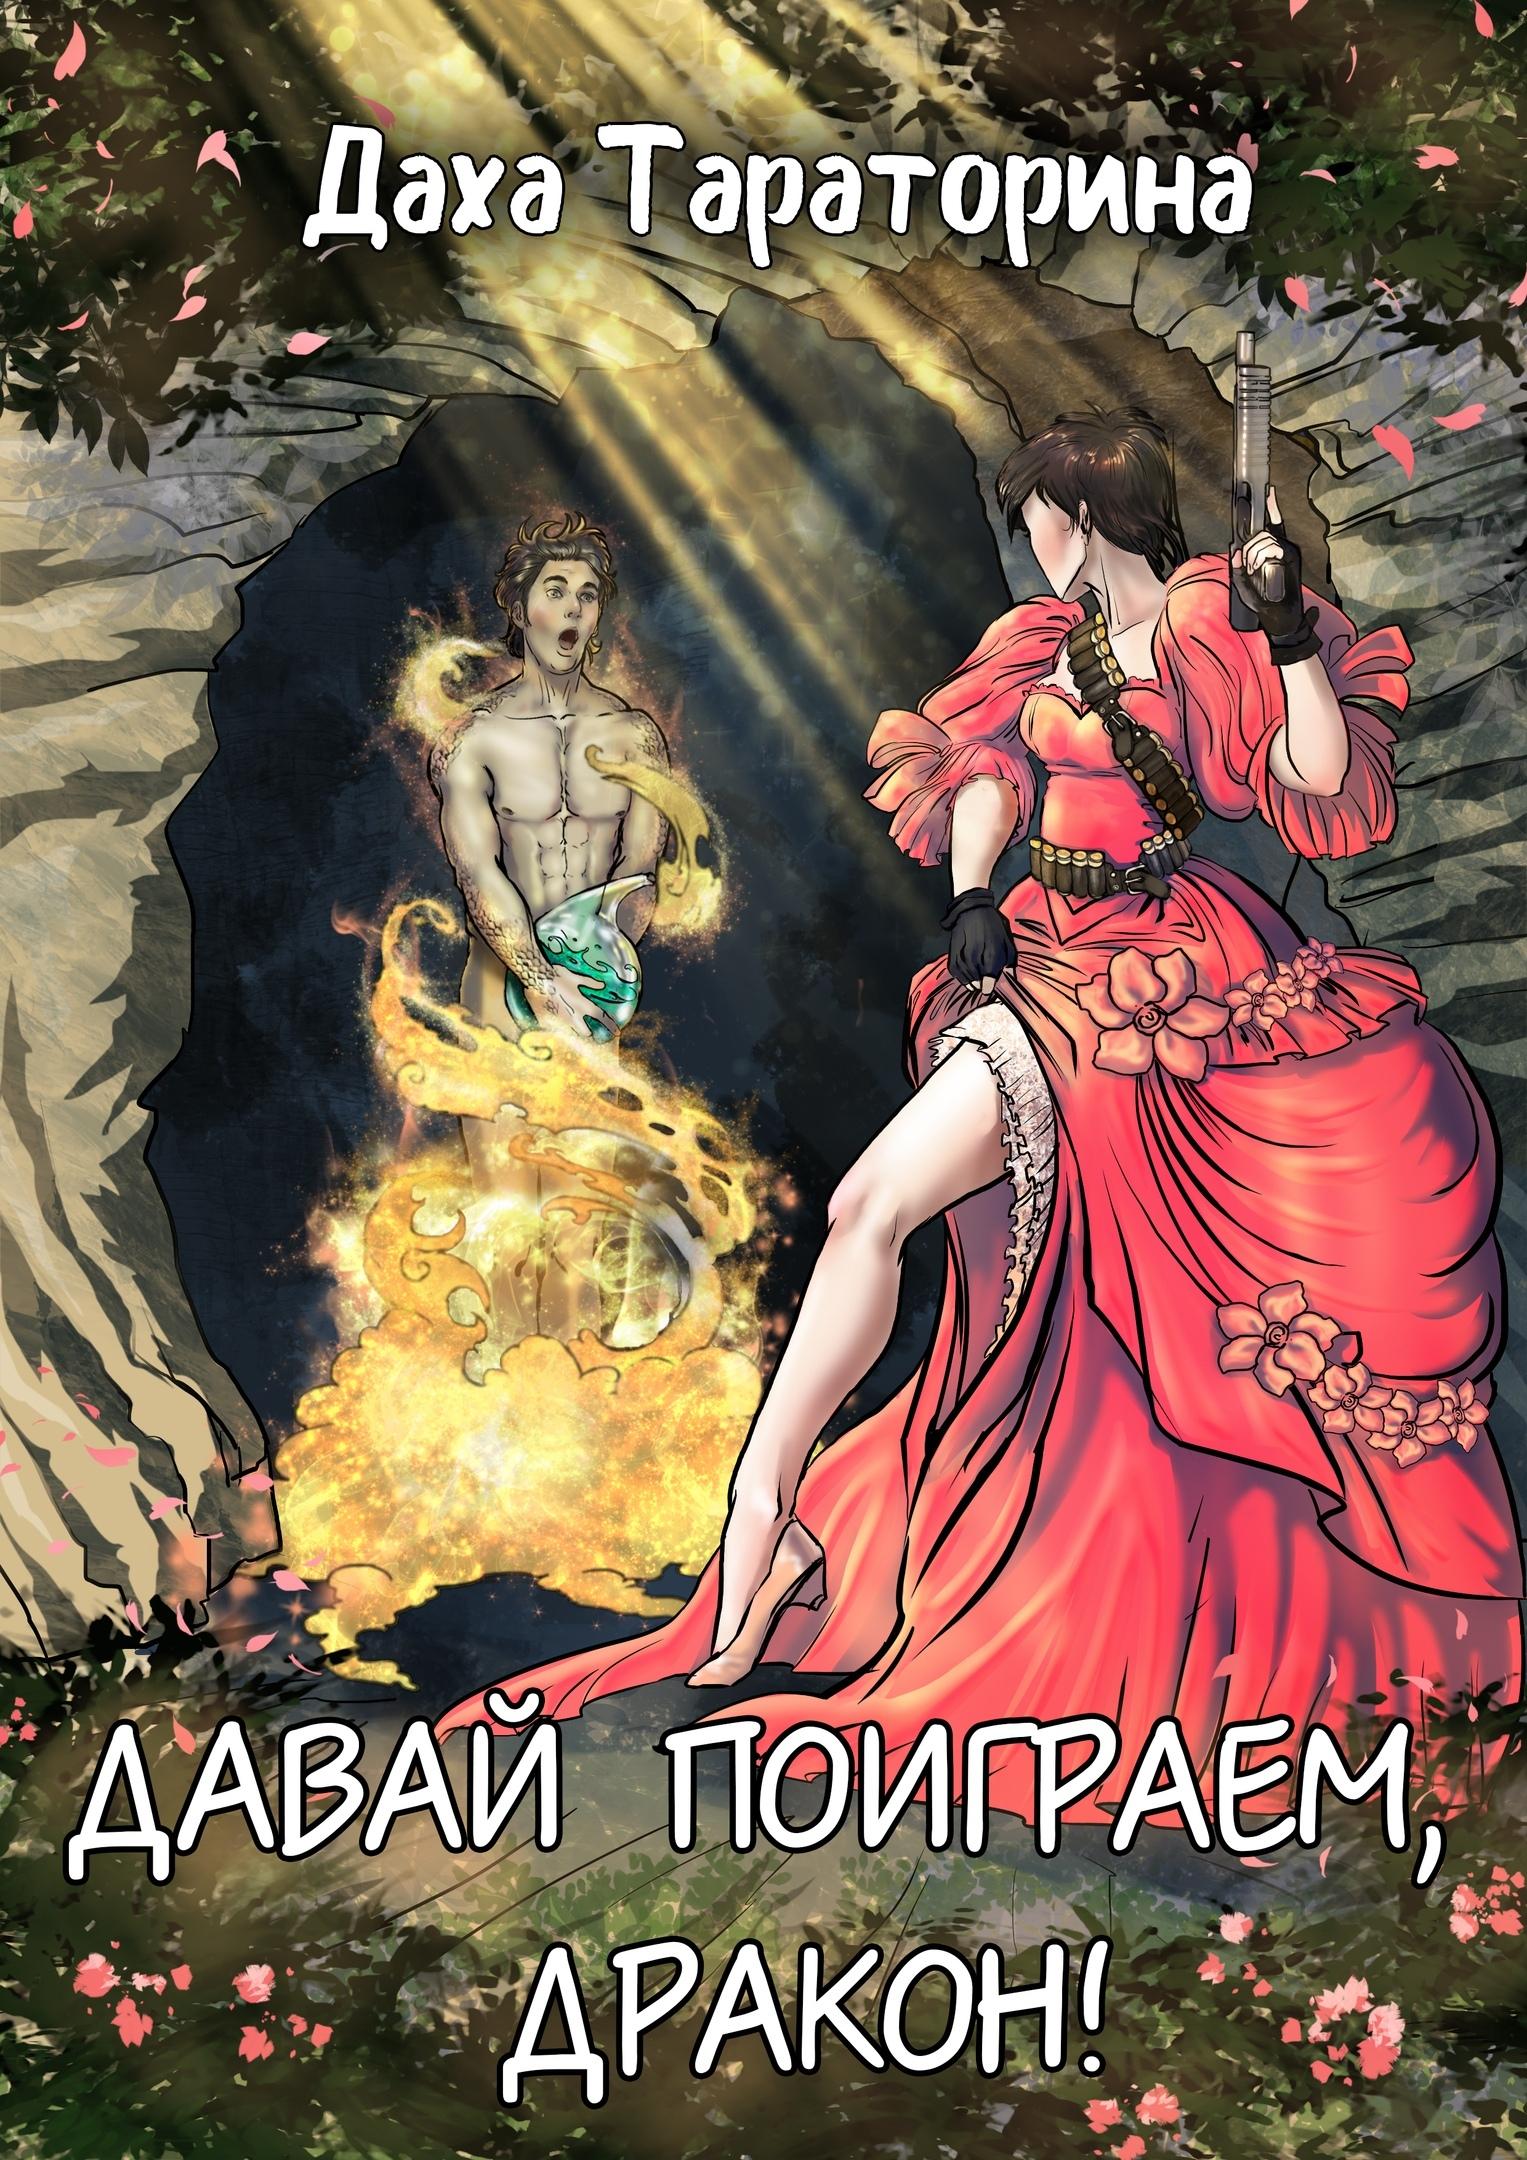 Автор иллюстрации Ирина Василенко